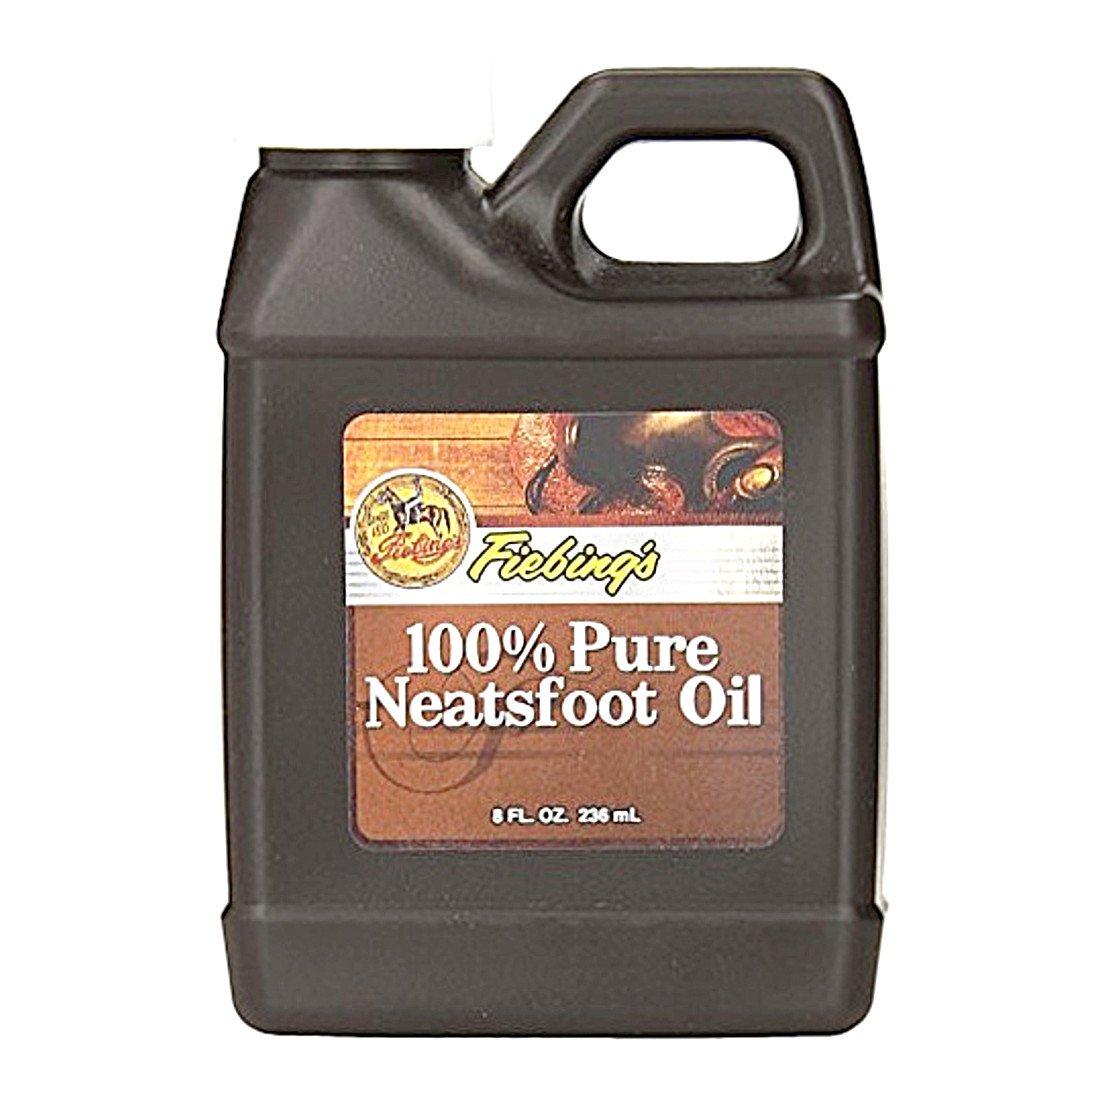 【定番の保革油】ニートフットオイル(ニーツフットオイル) NEATSFOOTOIL メンテナンスオイル レザーケア用品